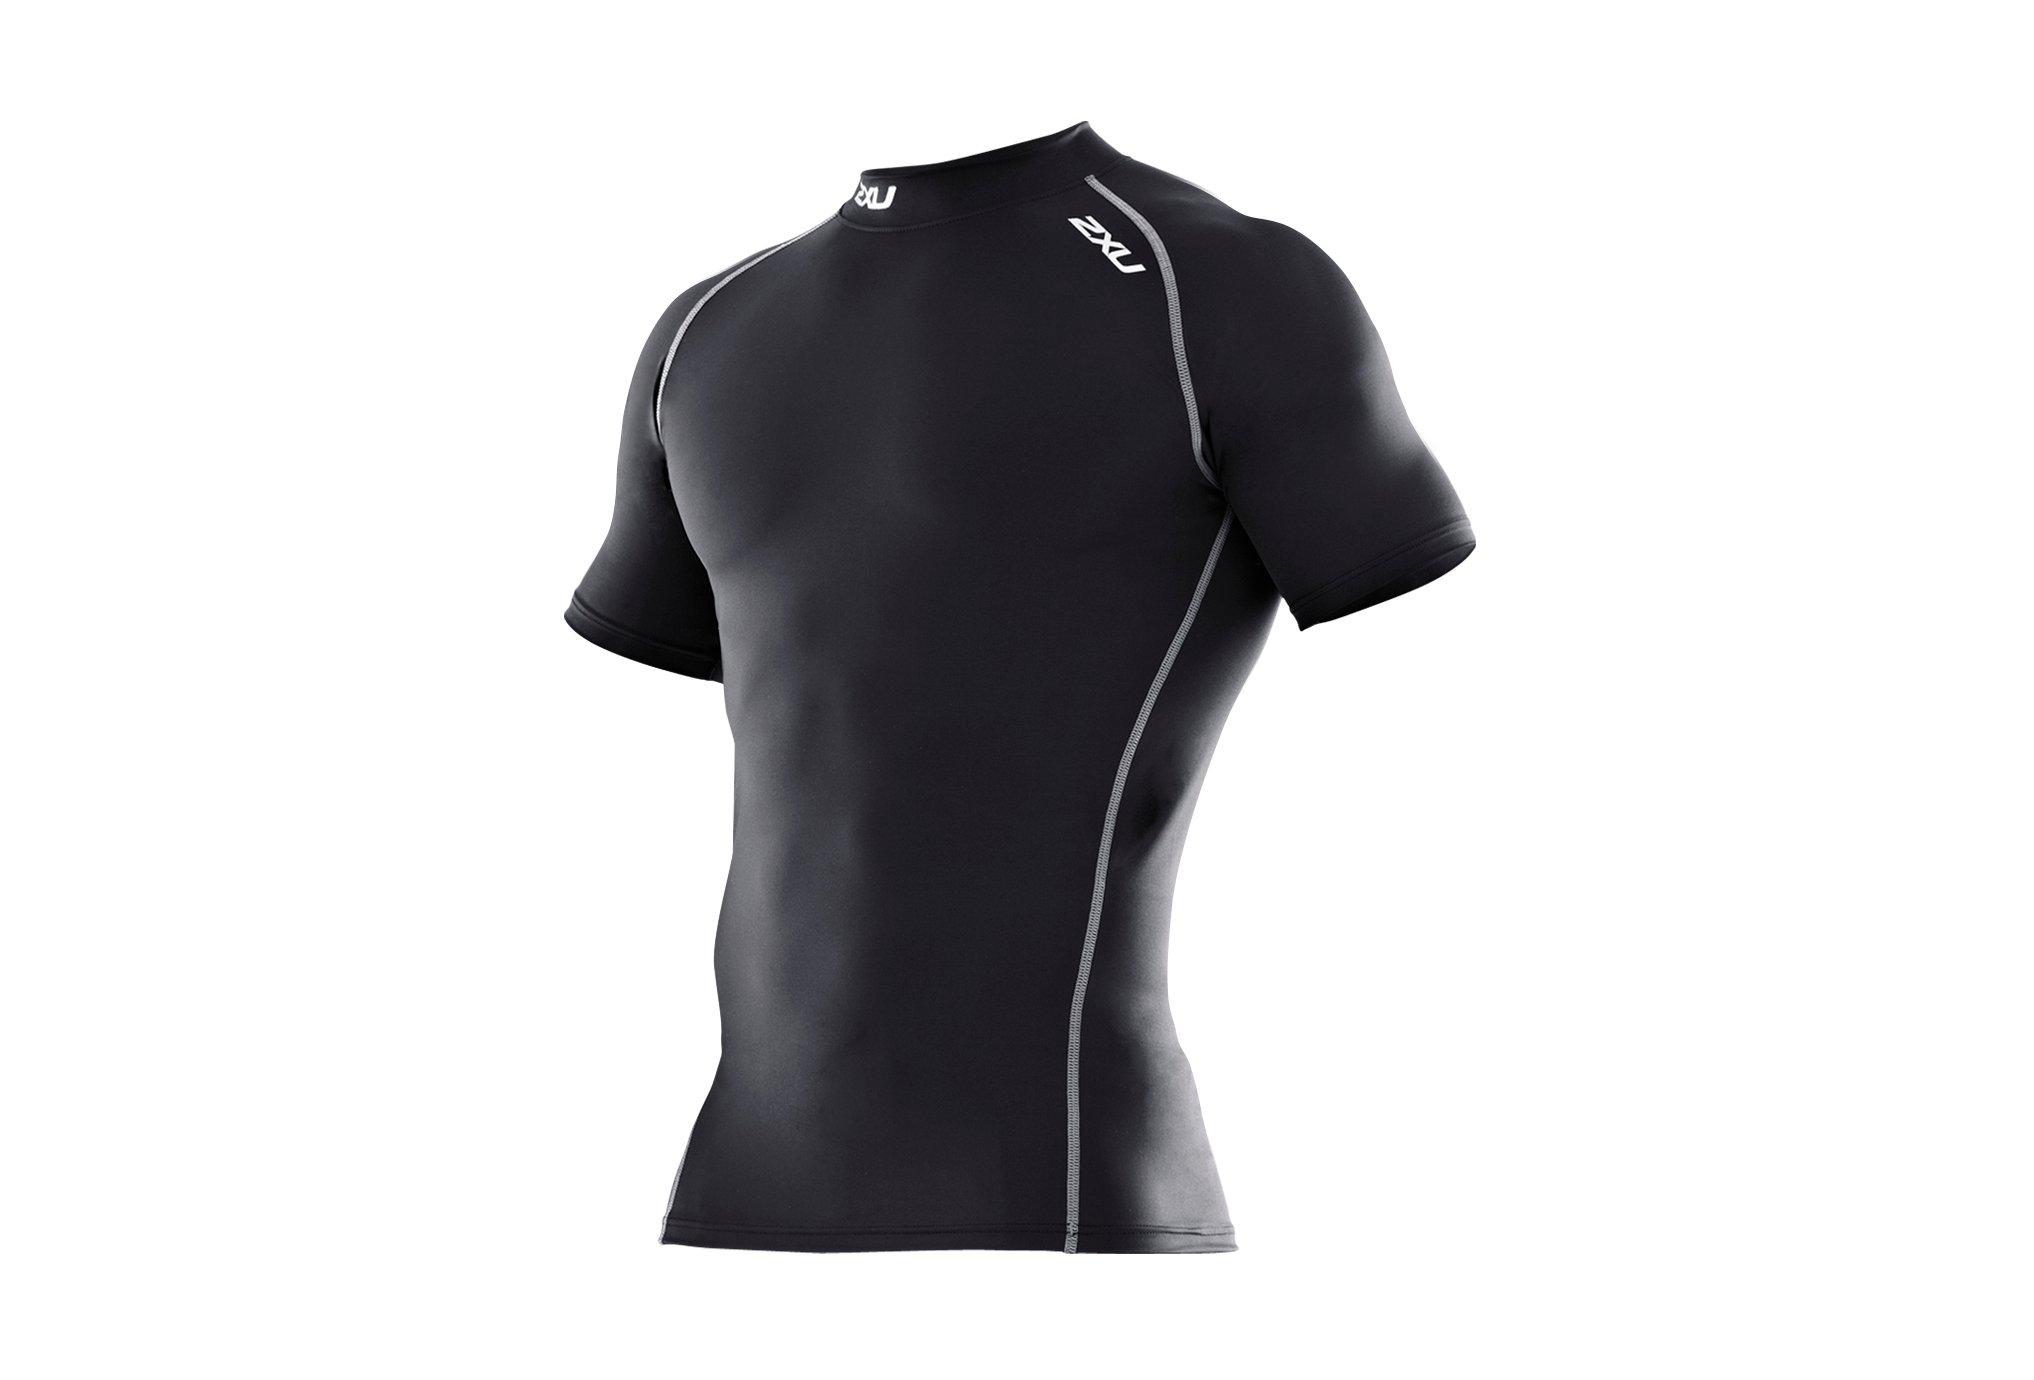 2xu Tee-Shirt s/s perform compression m diététique vêtements homme